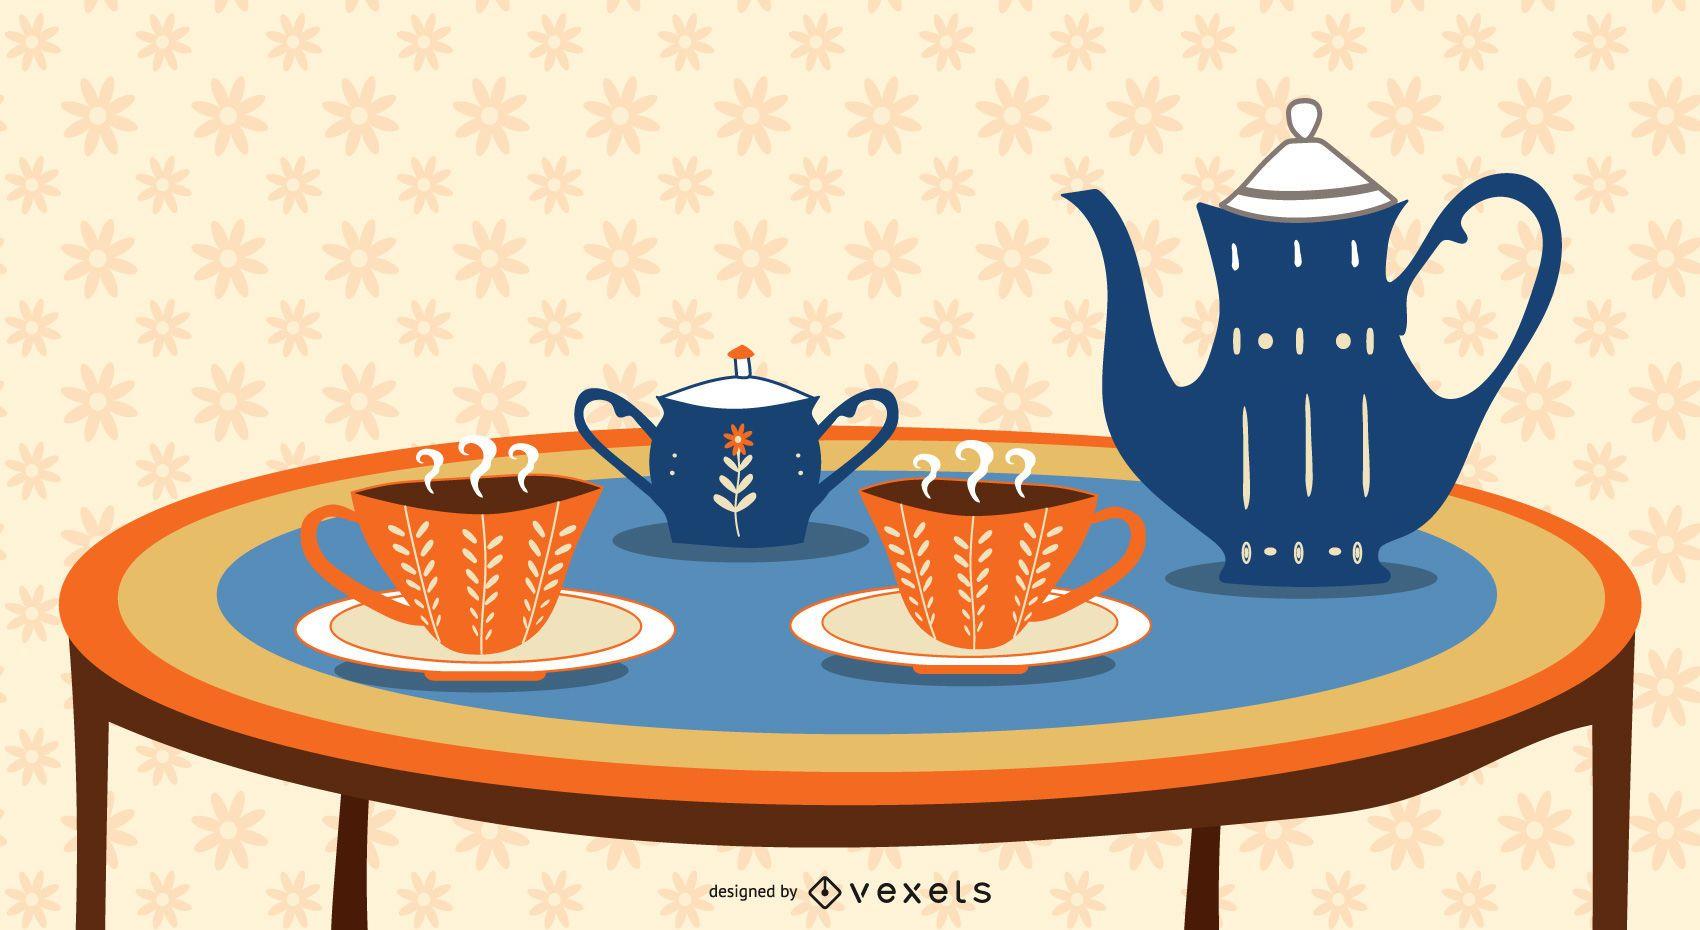 diseño de ilustración de juego de té